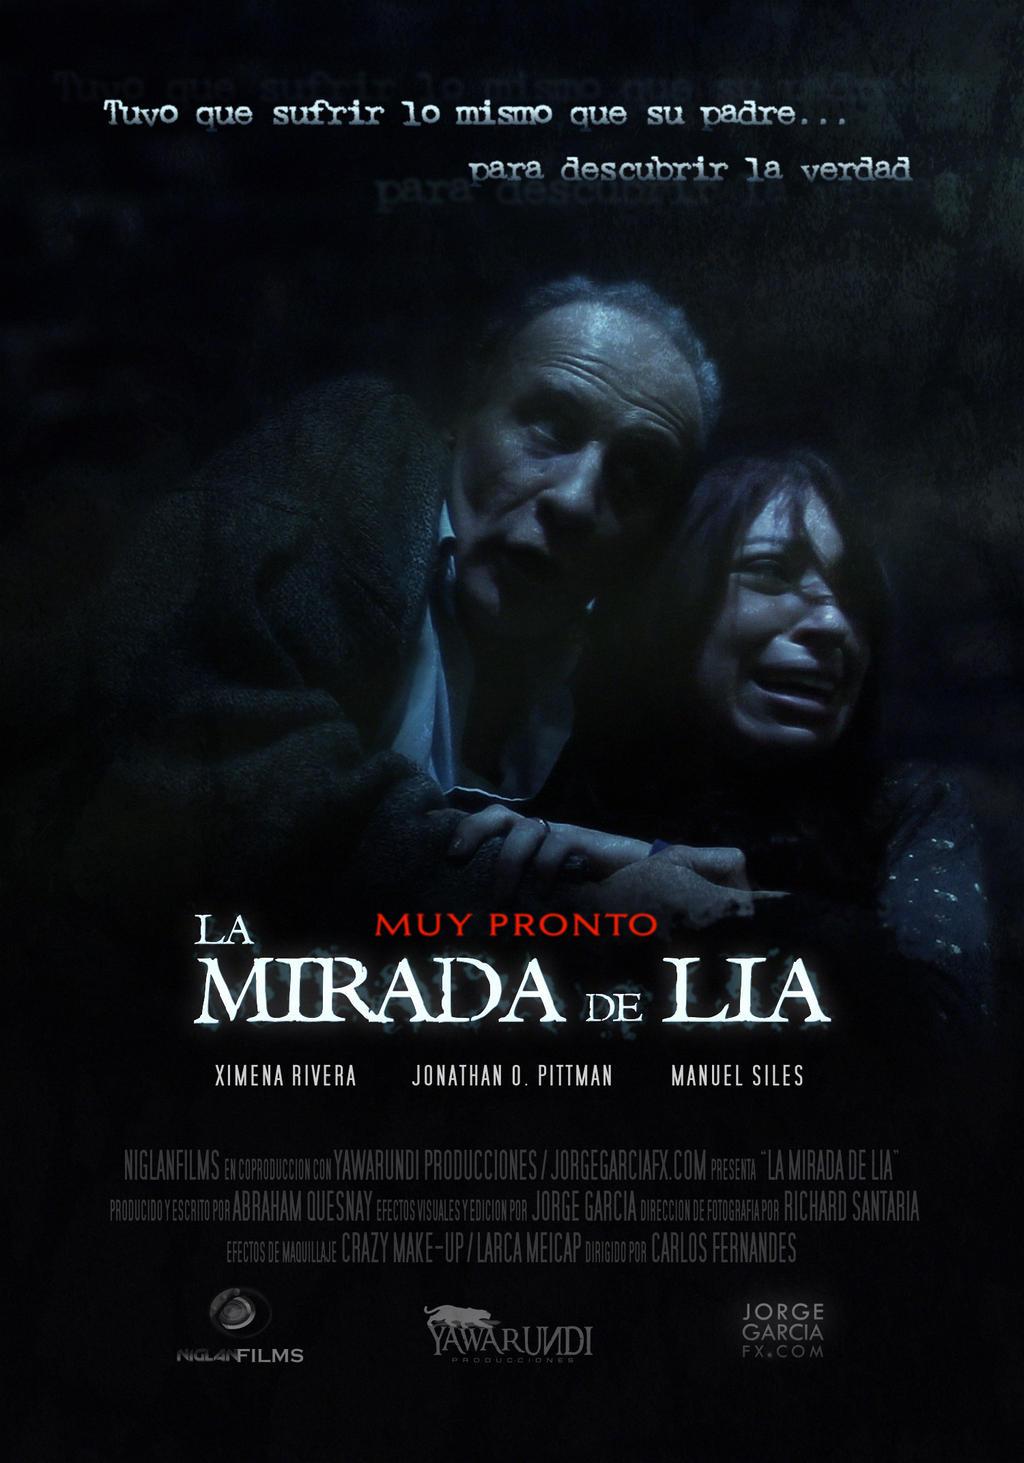 http://fc09.deviantart.net/fs70/i/2013/157/e/1/poster_for_shortfilm_la_mirada_de_lia_by_elevenian-d6839a0.jpg